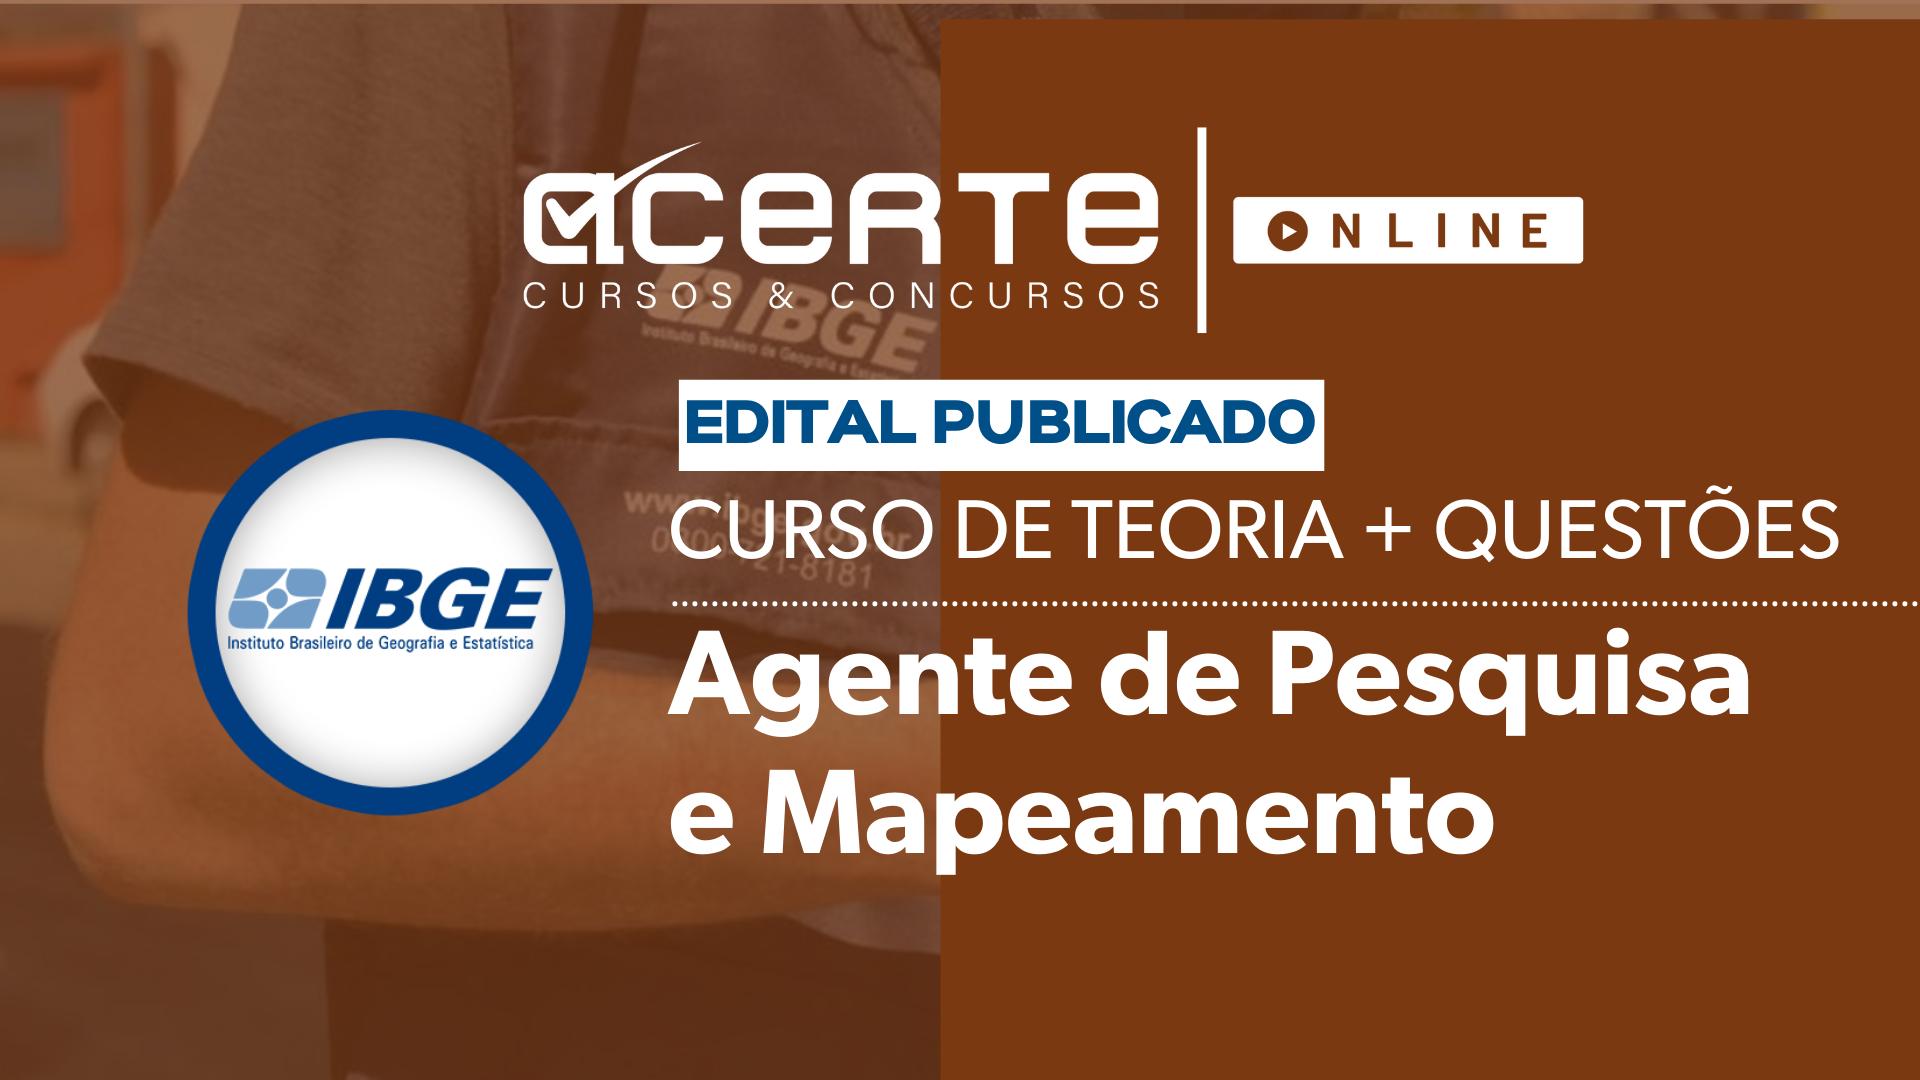 COMBO - IBGE - Agente de Pesquisas e Mapeamento